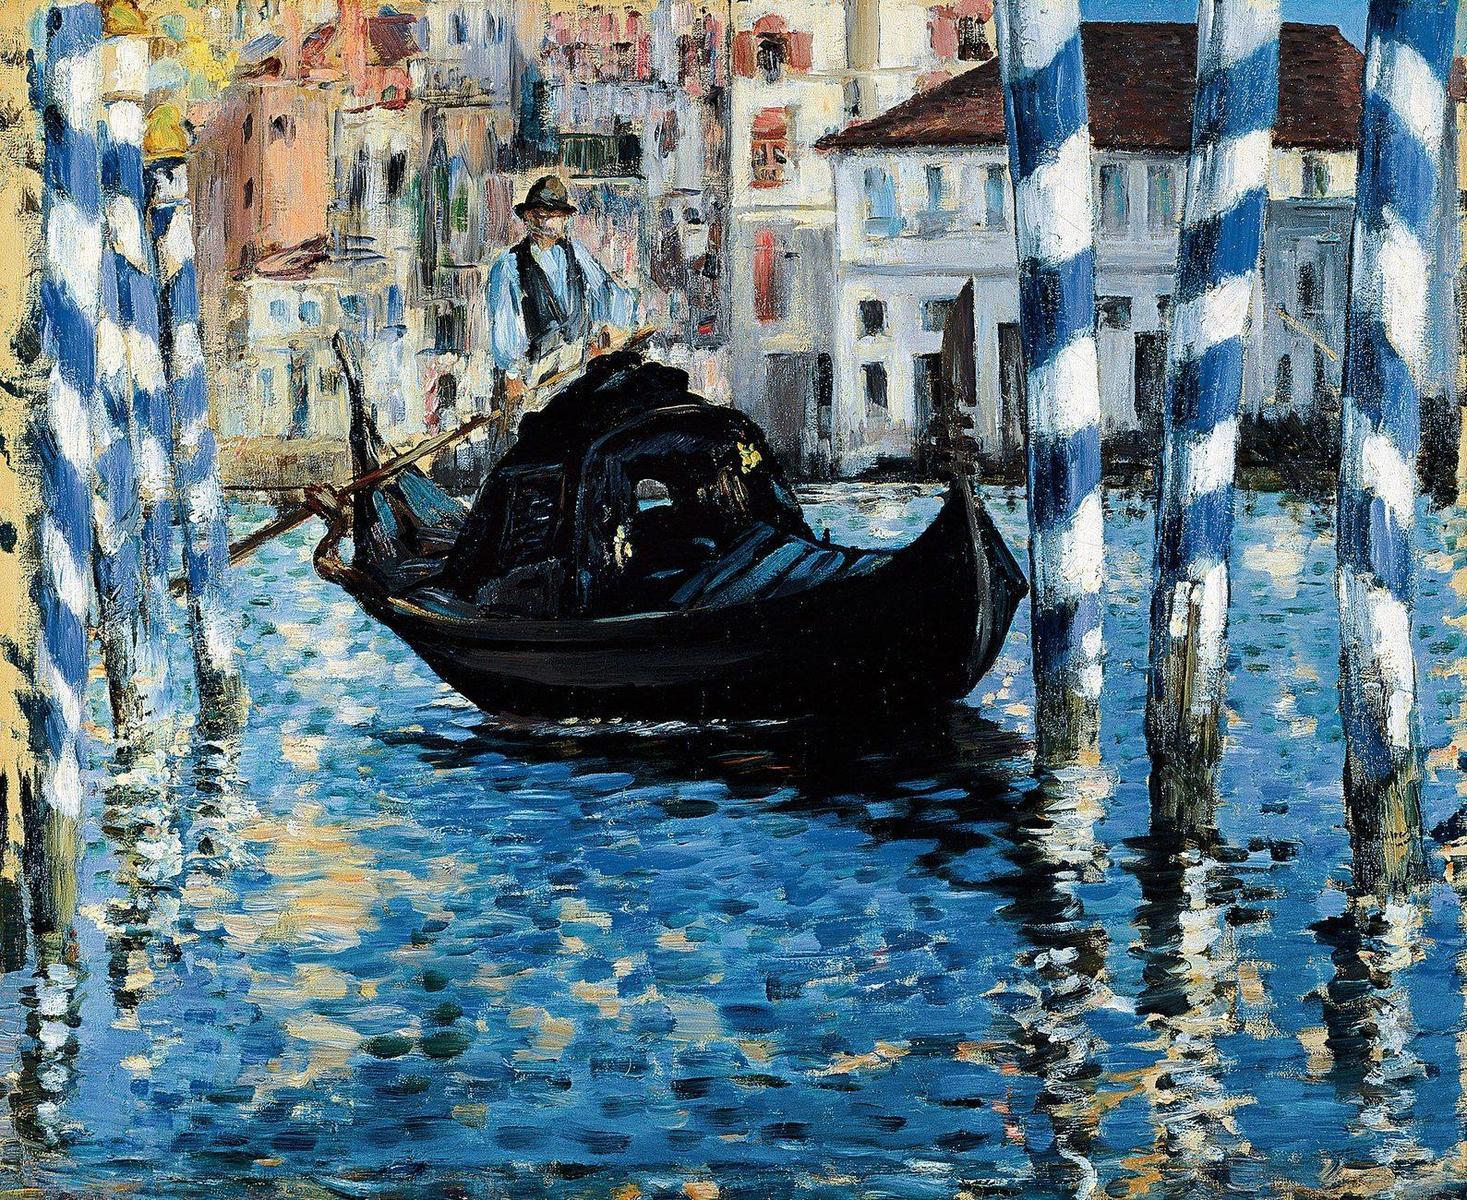 Tableaux d'Édouard Manet